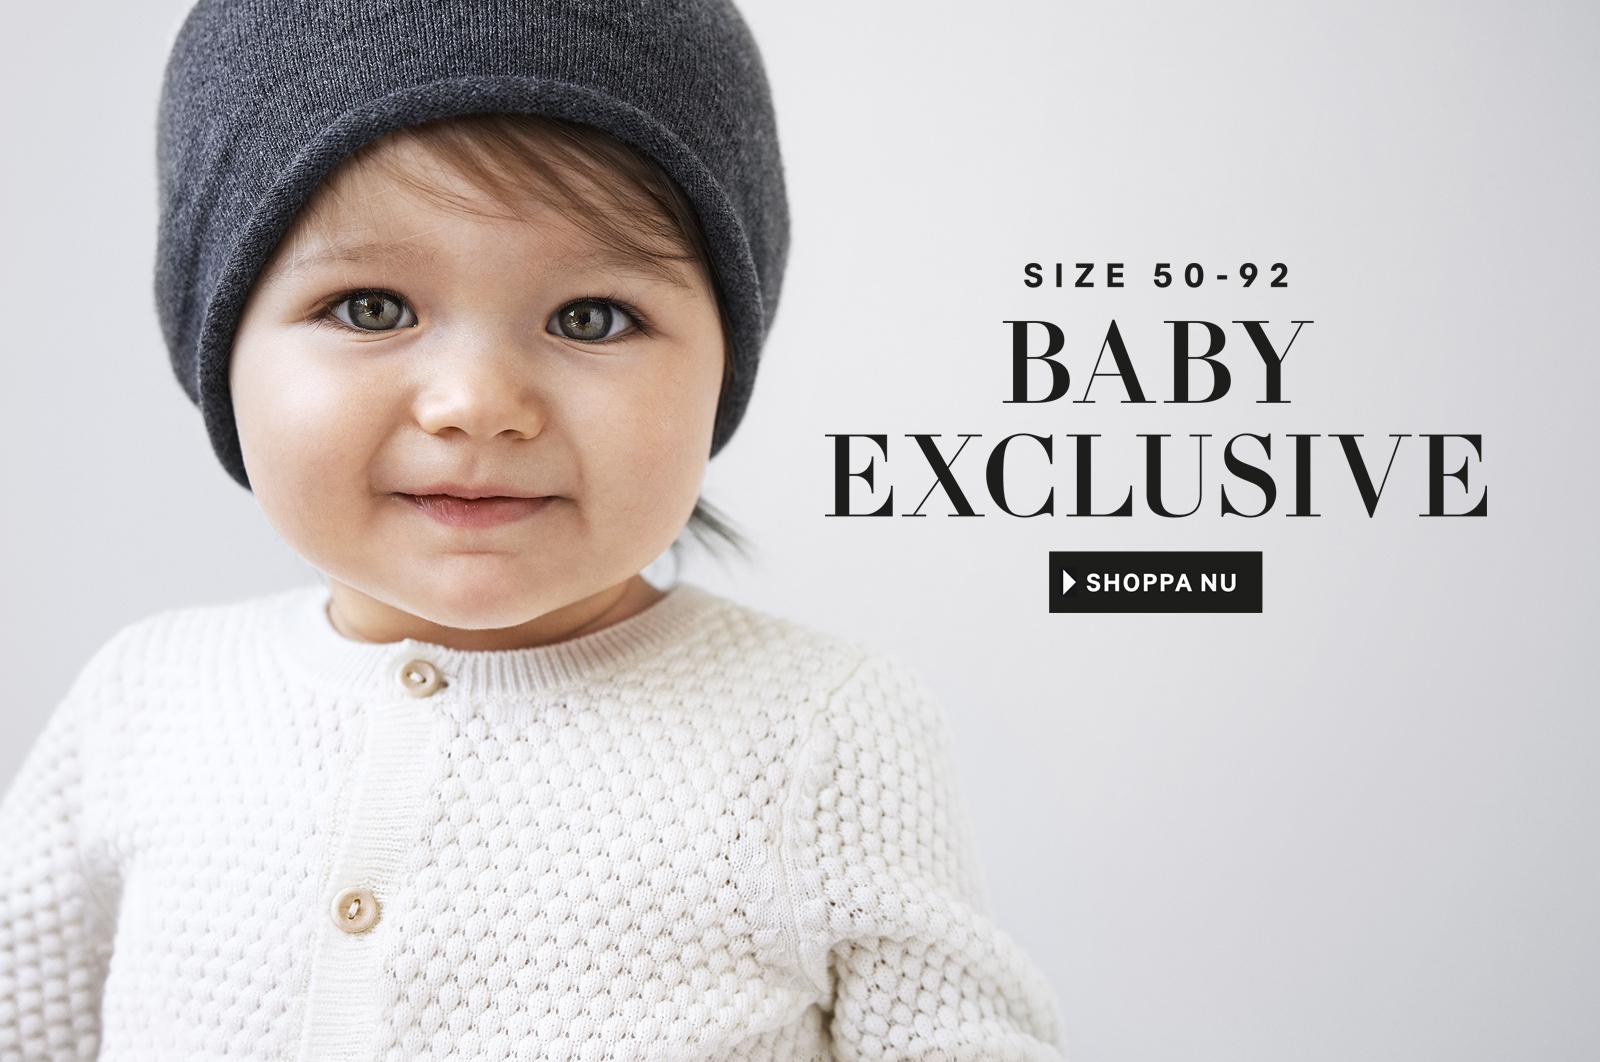 Baby_exclusive.jpg